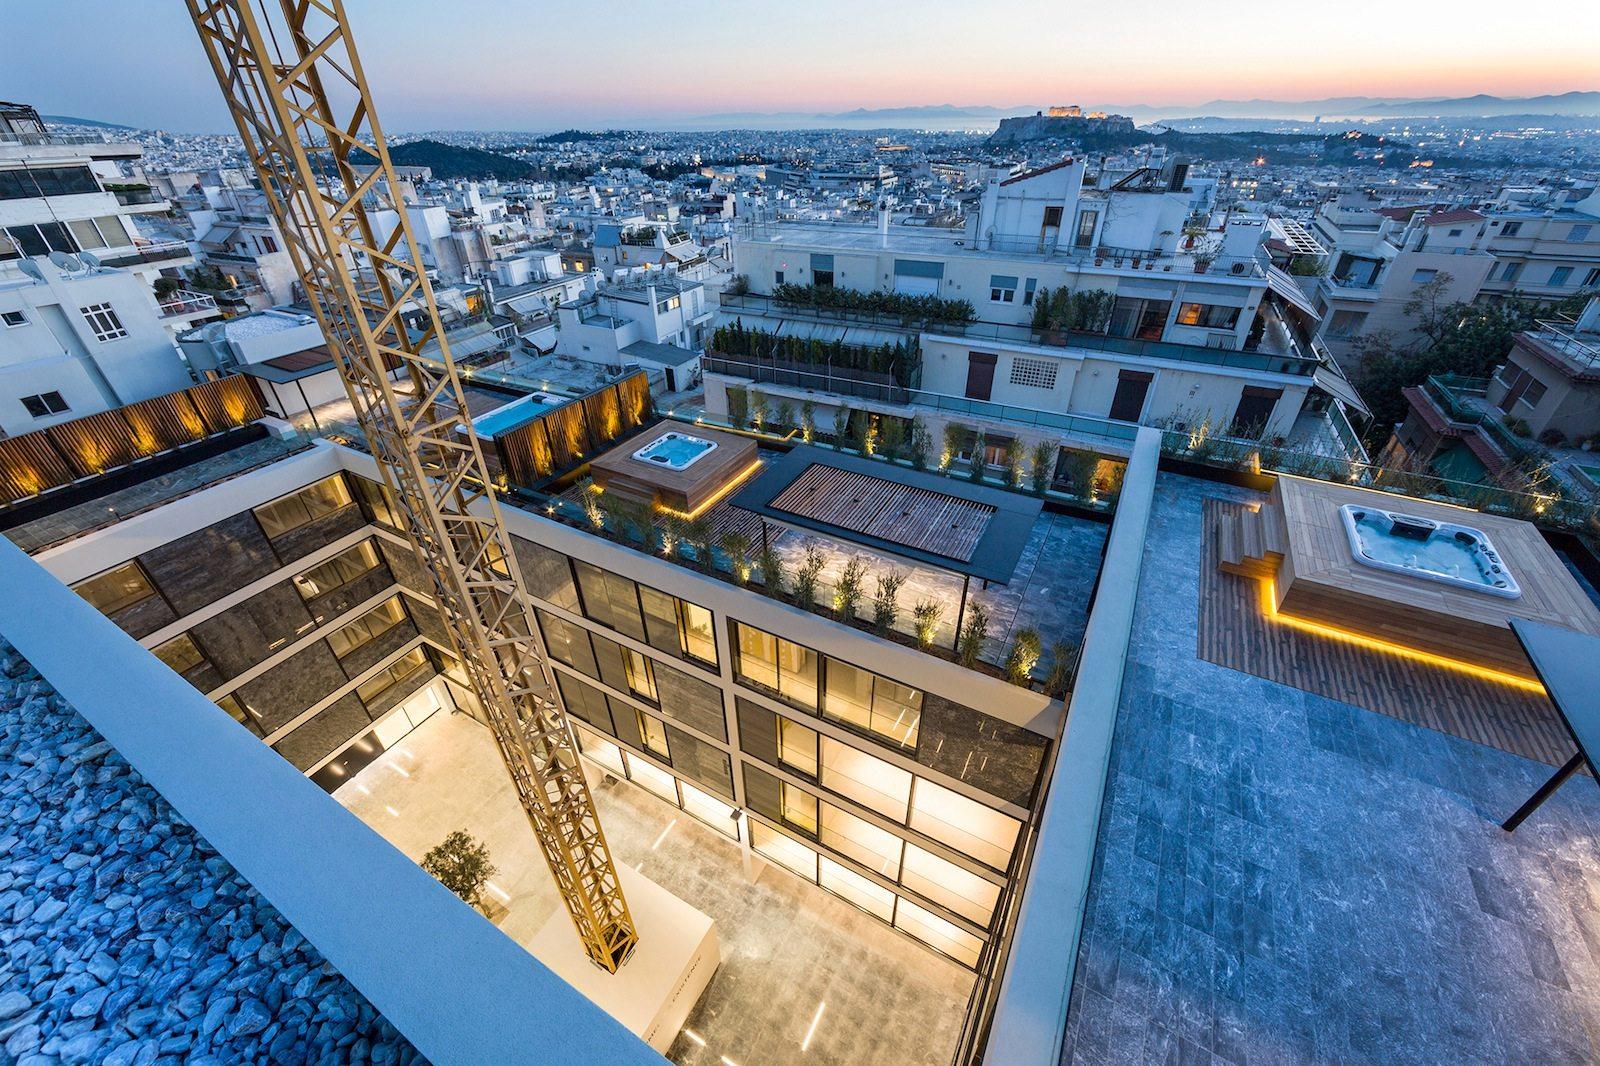 Spa-Landschaft. Von den vielen Dachterrassen mit Jacuzzis fällt der Blick einerseits auf die Stadt und die Akropolis ...